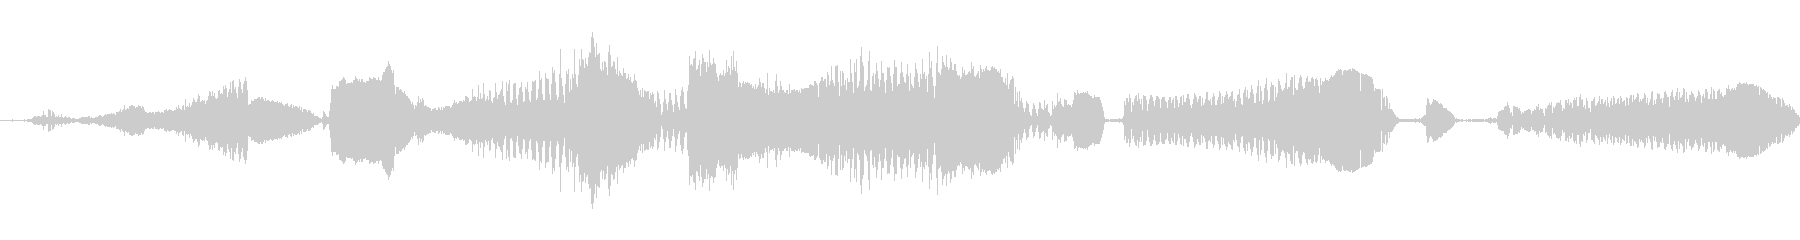 2つのハンボルトペンギン:ブレイン...の未再生の波形